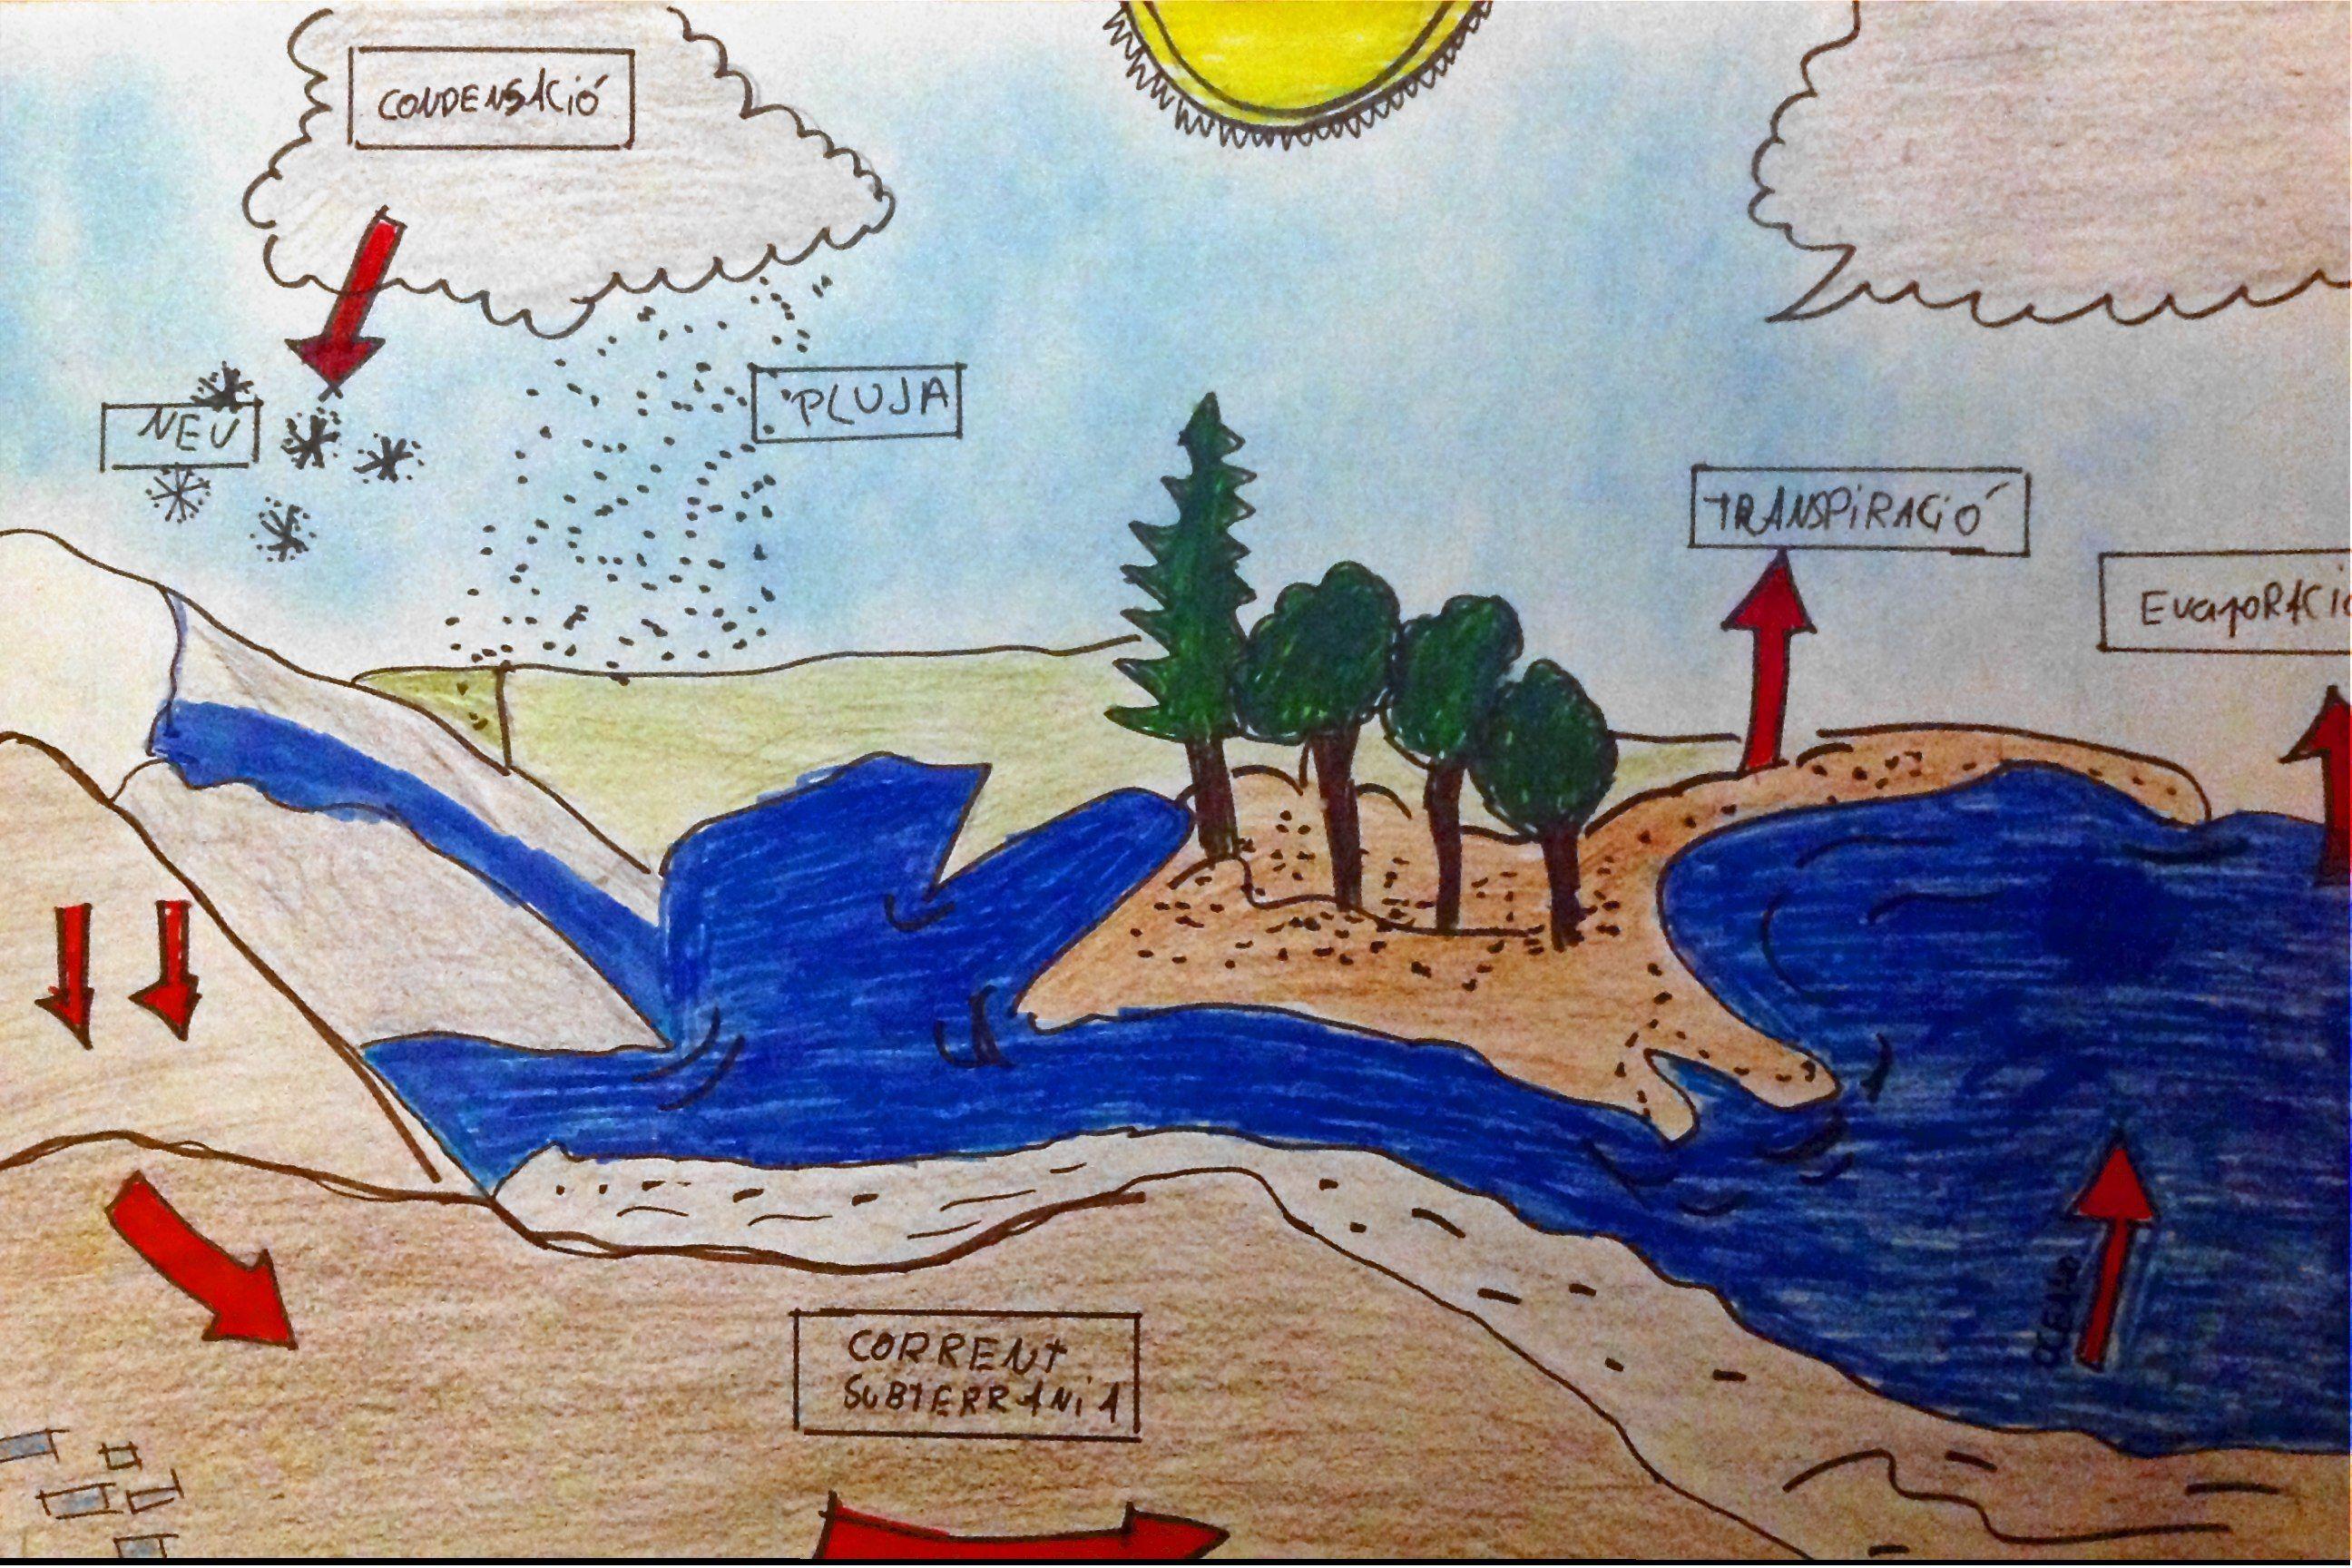 Natzaret Esplugues Hemos Realizado Este Dibujo Descriptivo Del Ciclo Del Agua Las Fechas Describen Bien Todo El Proceso Painting Art Scio